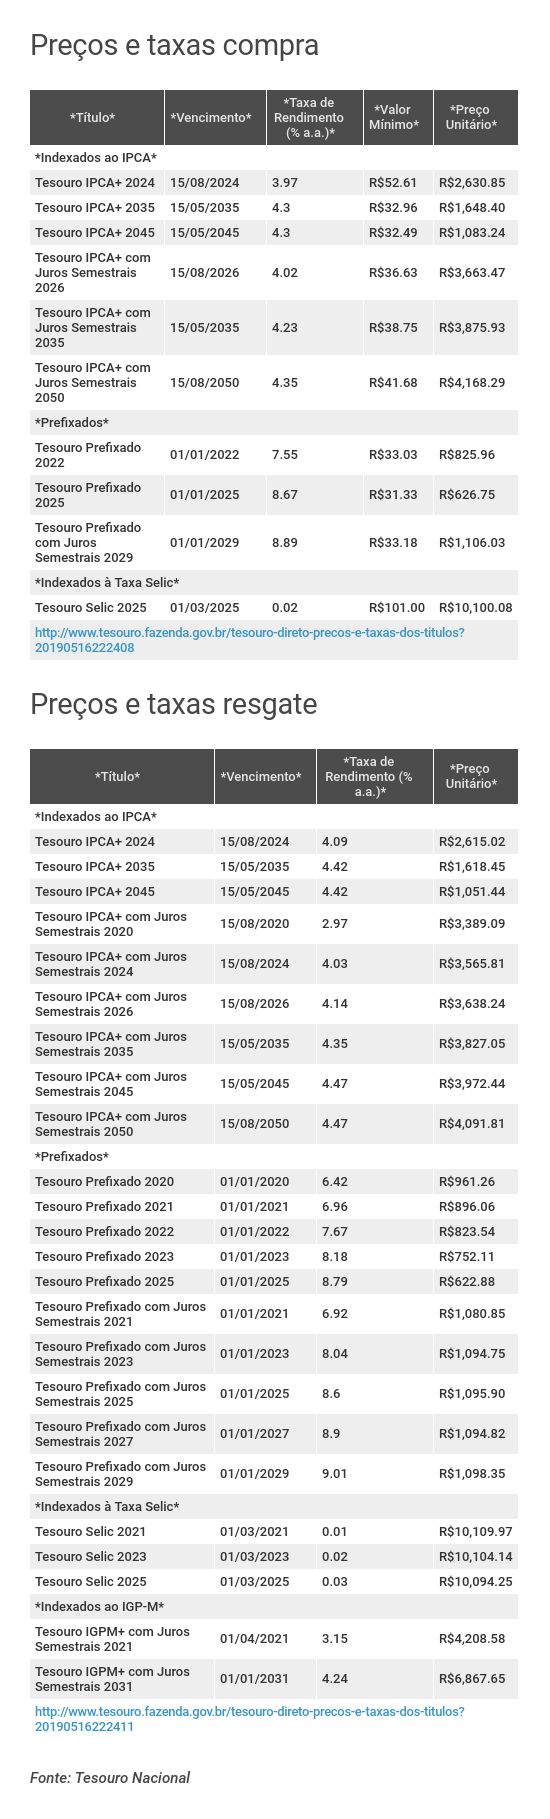 Preços e taxas do Tesouro Direto em 16 de maio de 2019 - fechamento